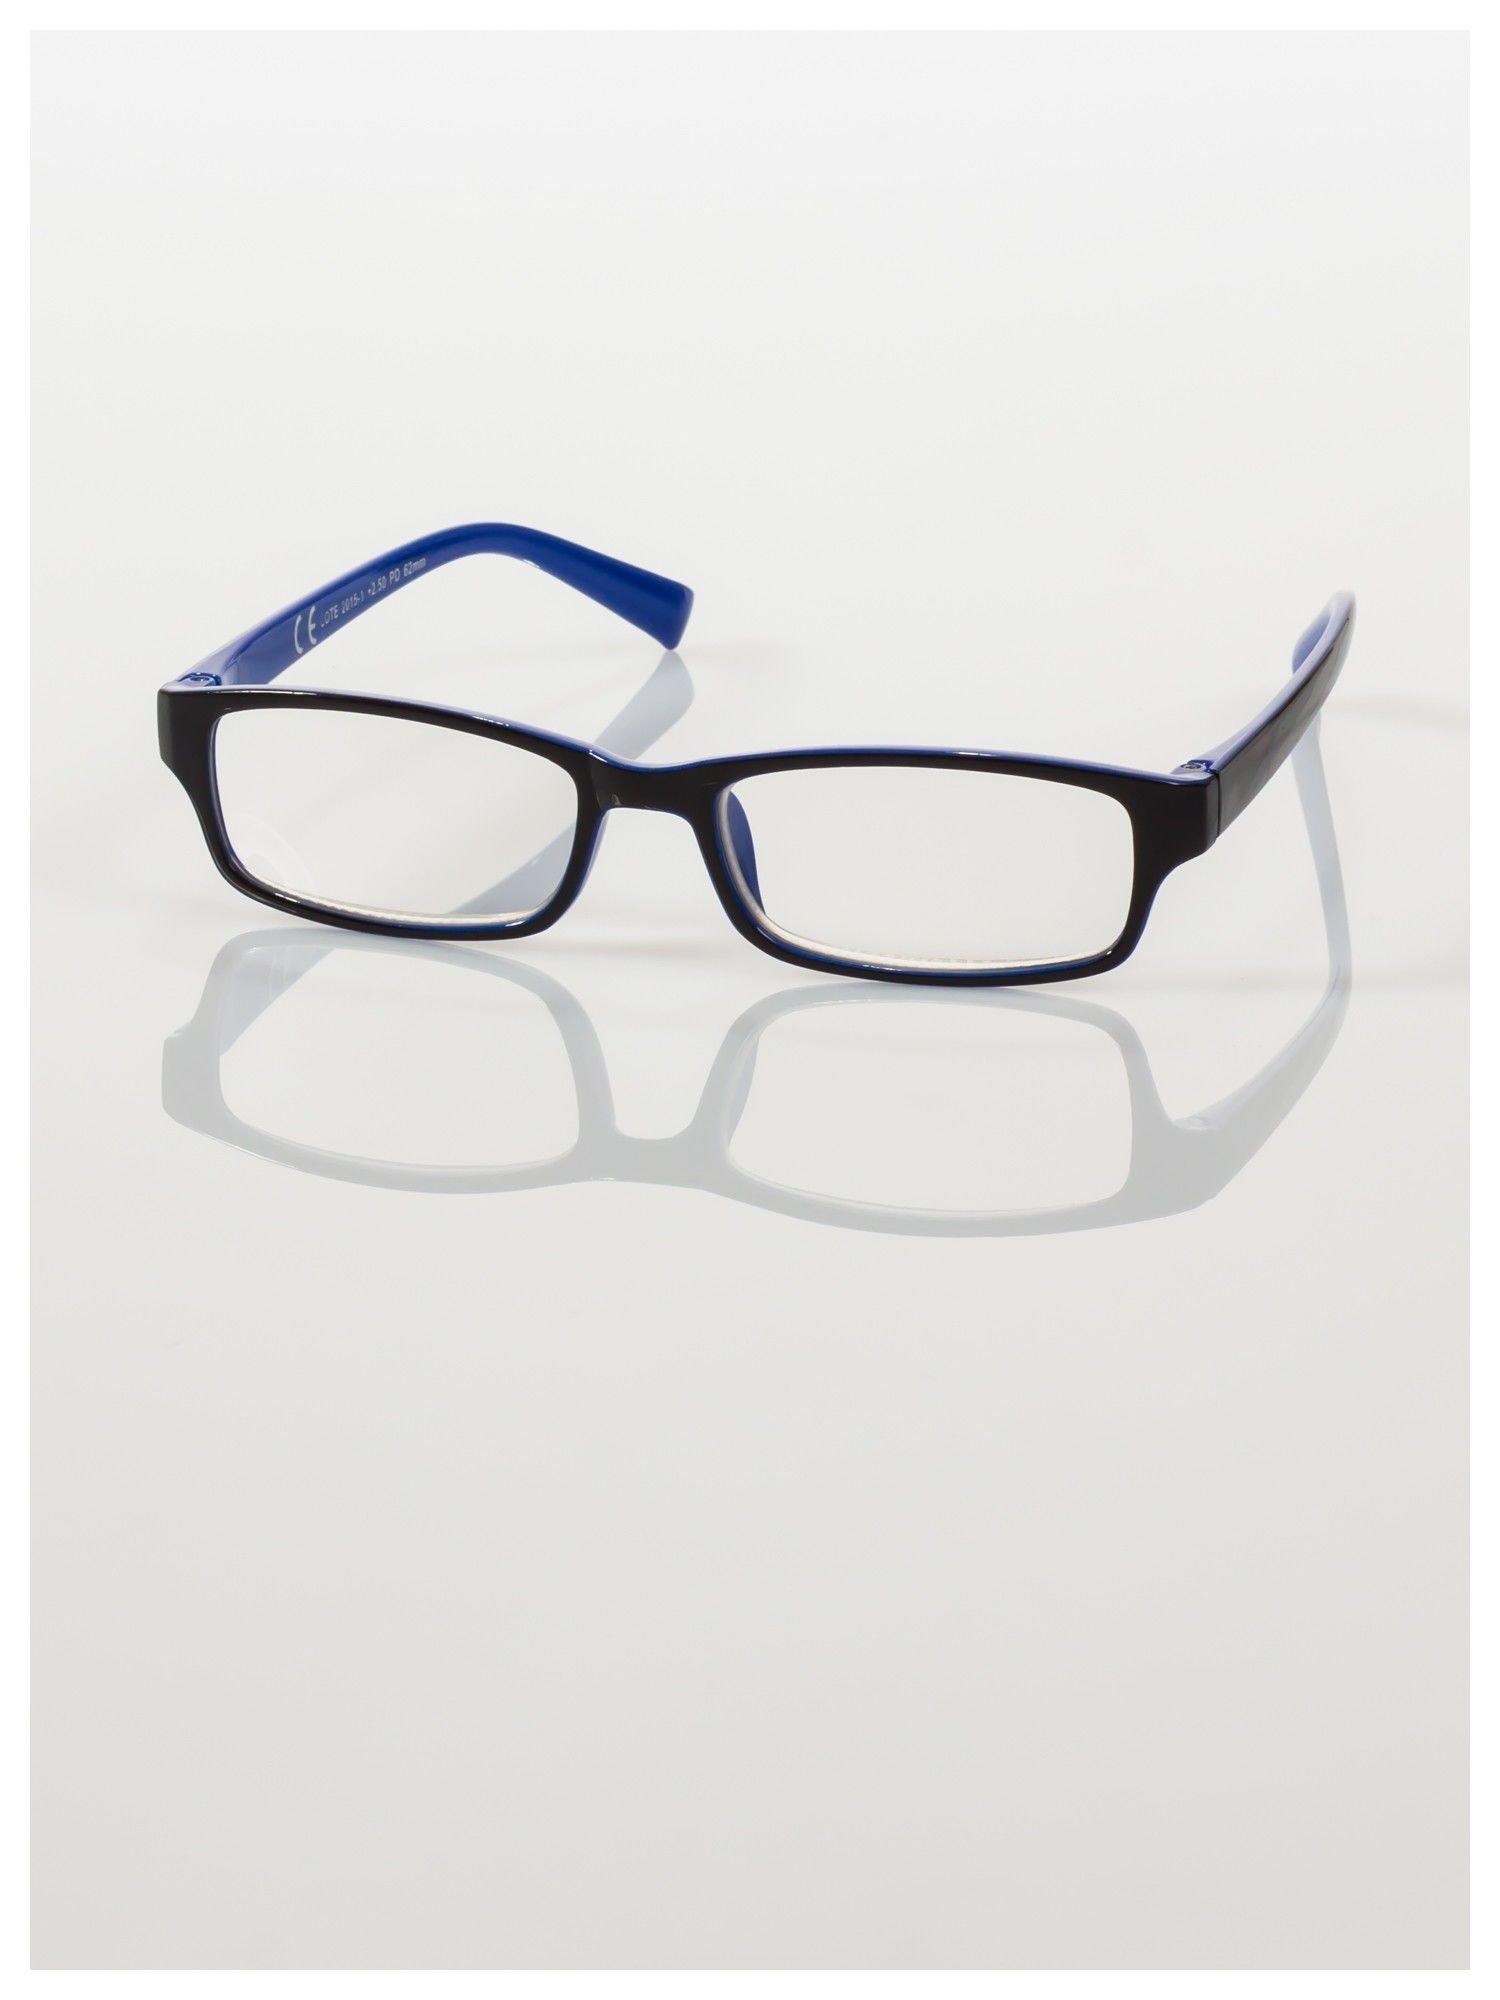 Okulary korekcyjne dwukolorowe do czytania +3.0 D                                    zdj.                                  2